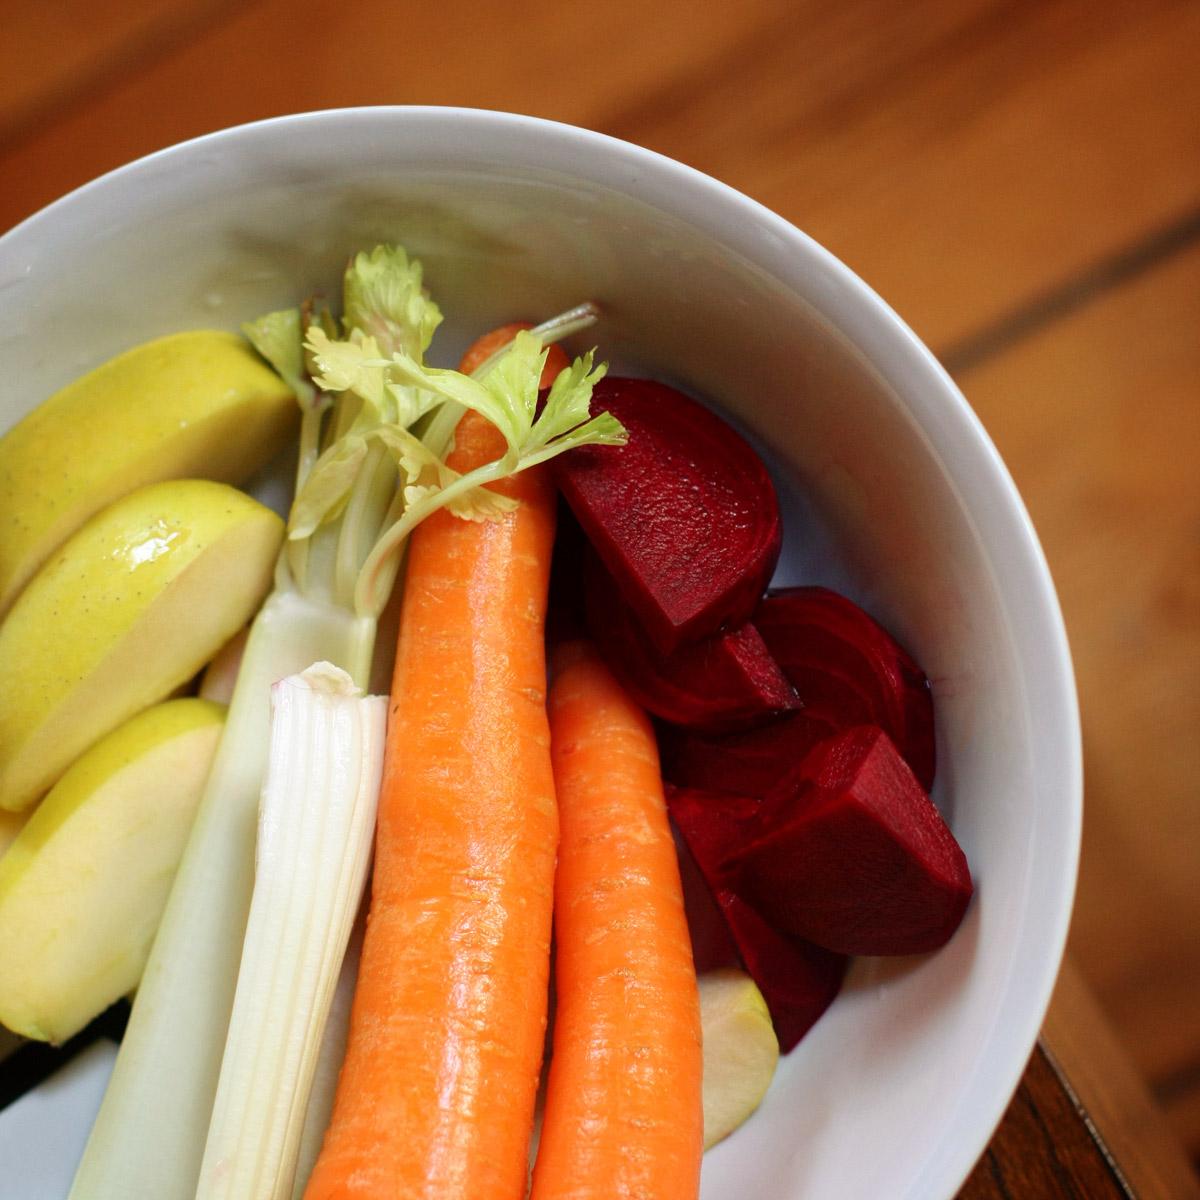 Licuado de manzana apio zanahoria y remolacha - Ensalada de apio y zanahoria ...